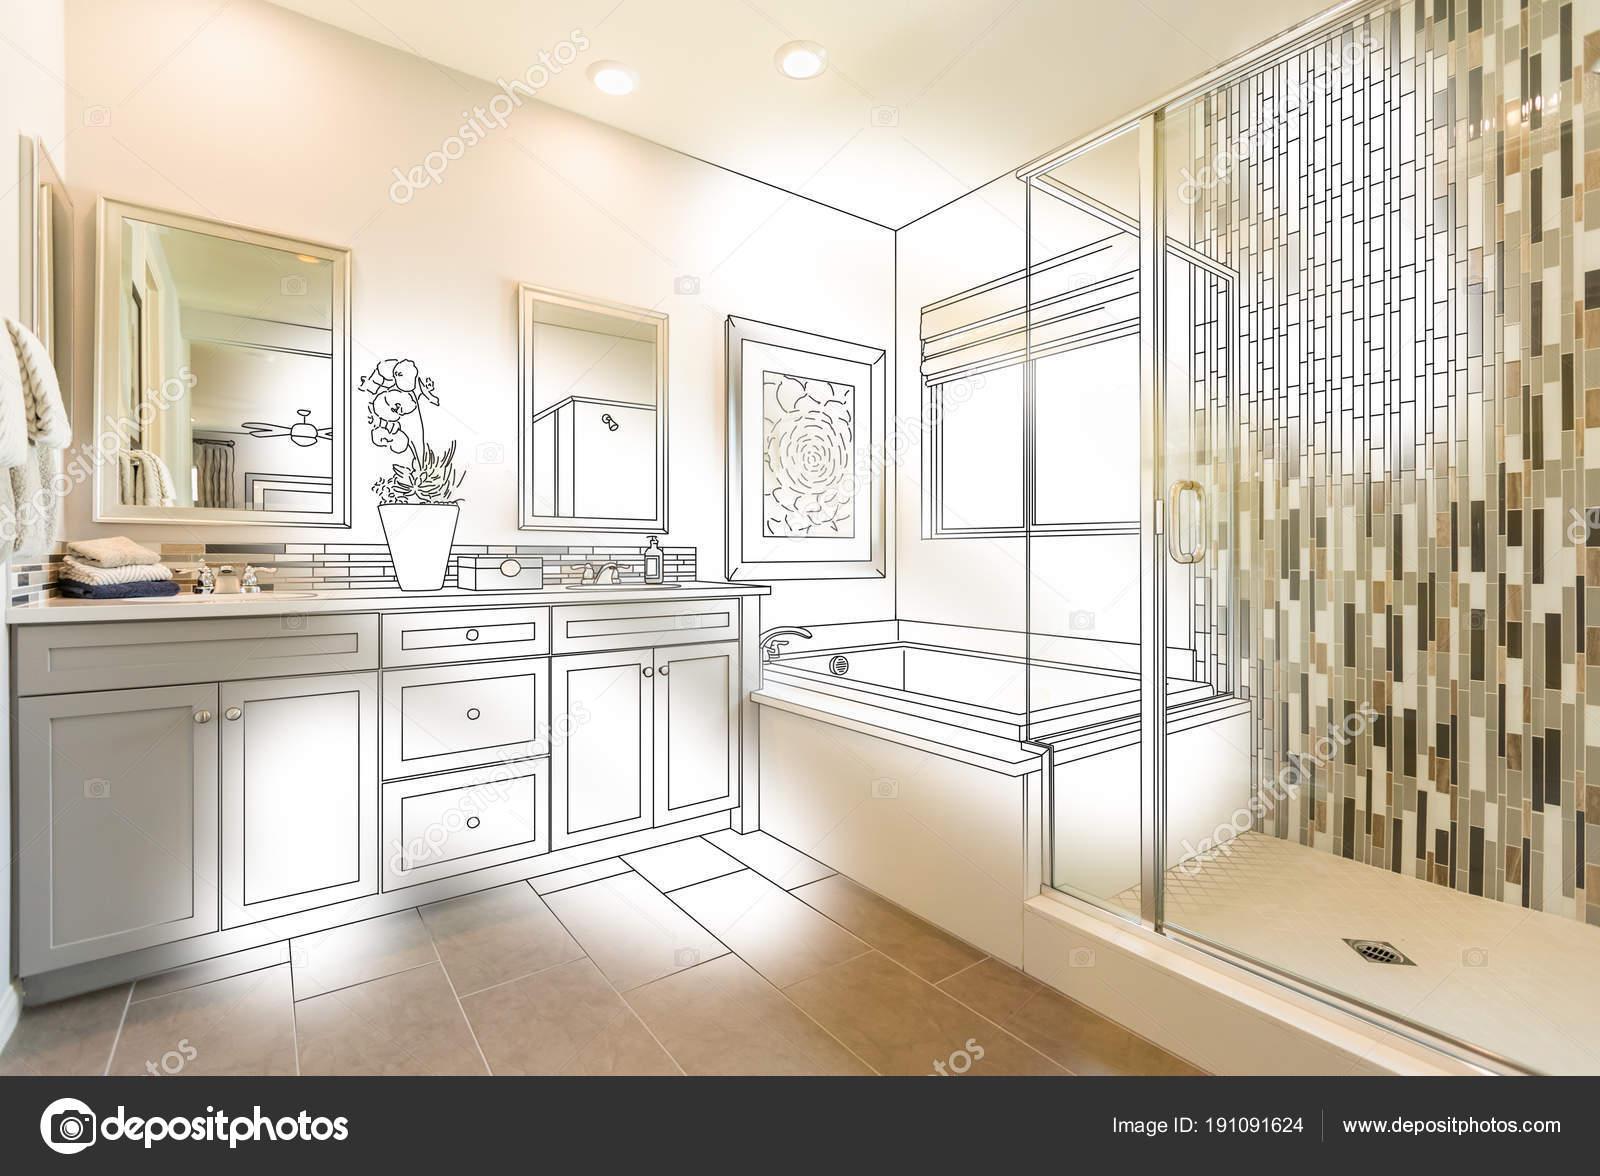 Vlastni Hlavni Koupelny Foto Tahem Stetce K Navrhu Vykresu Stock